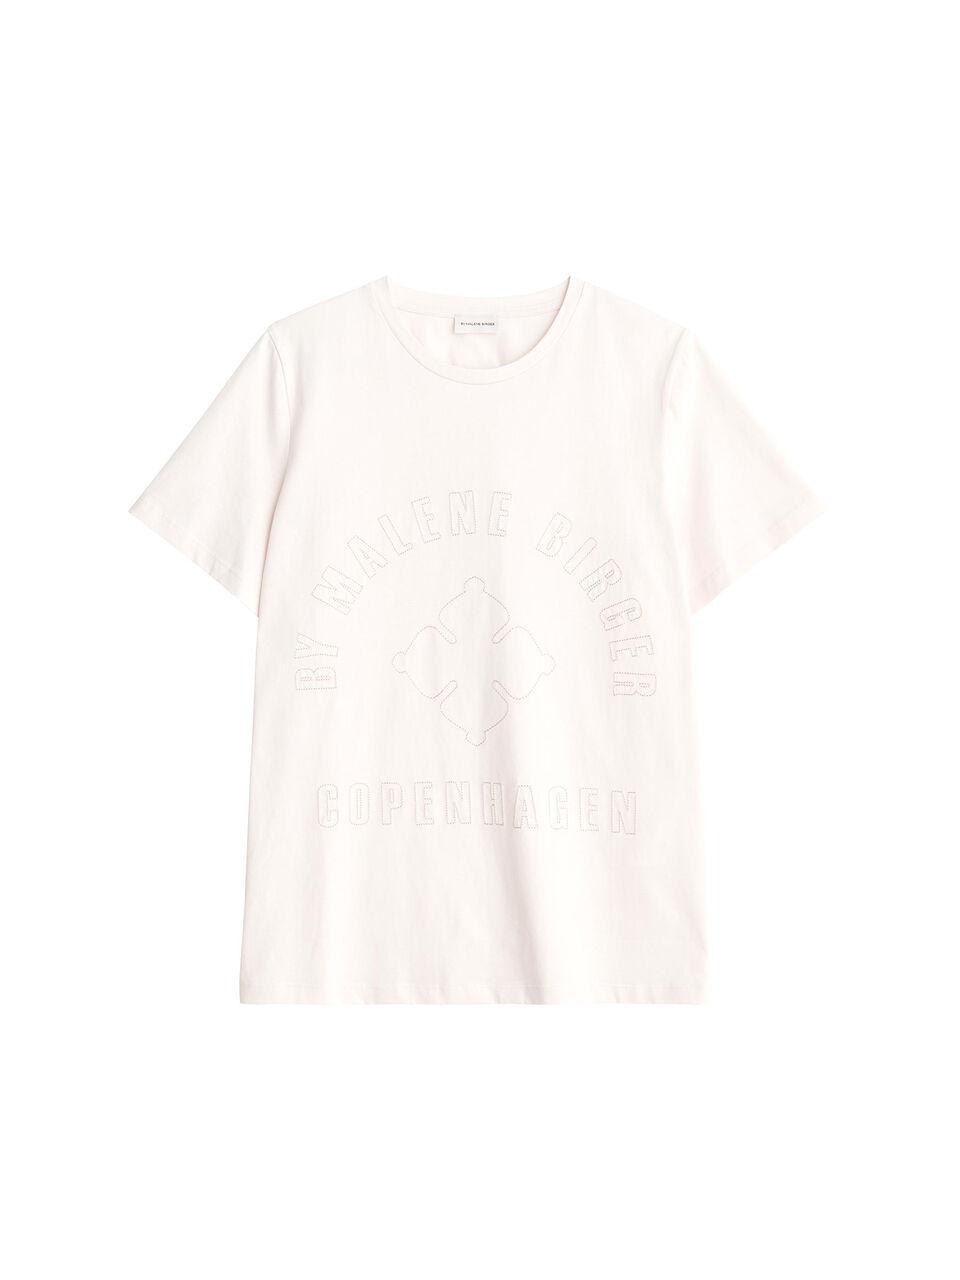 Desmos T-Shirt Cream